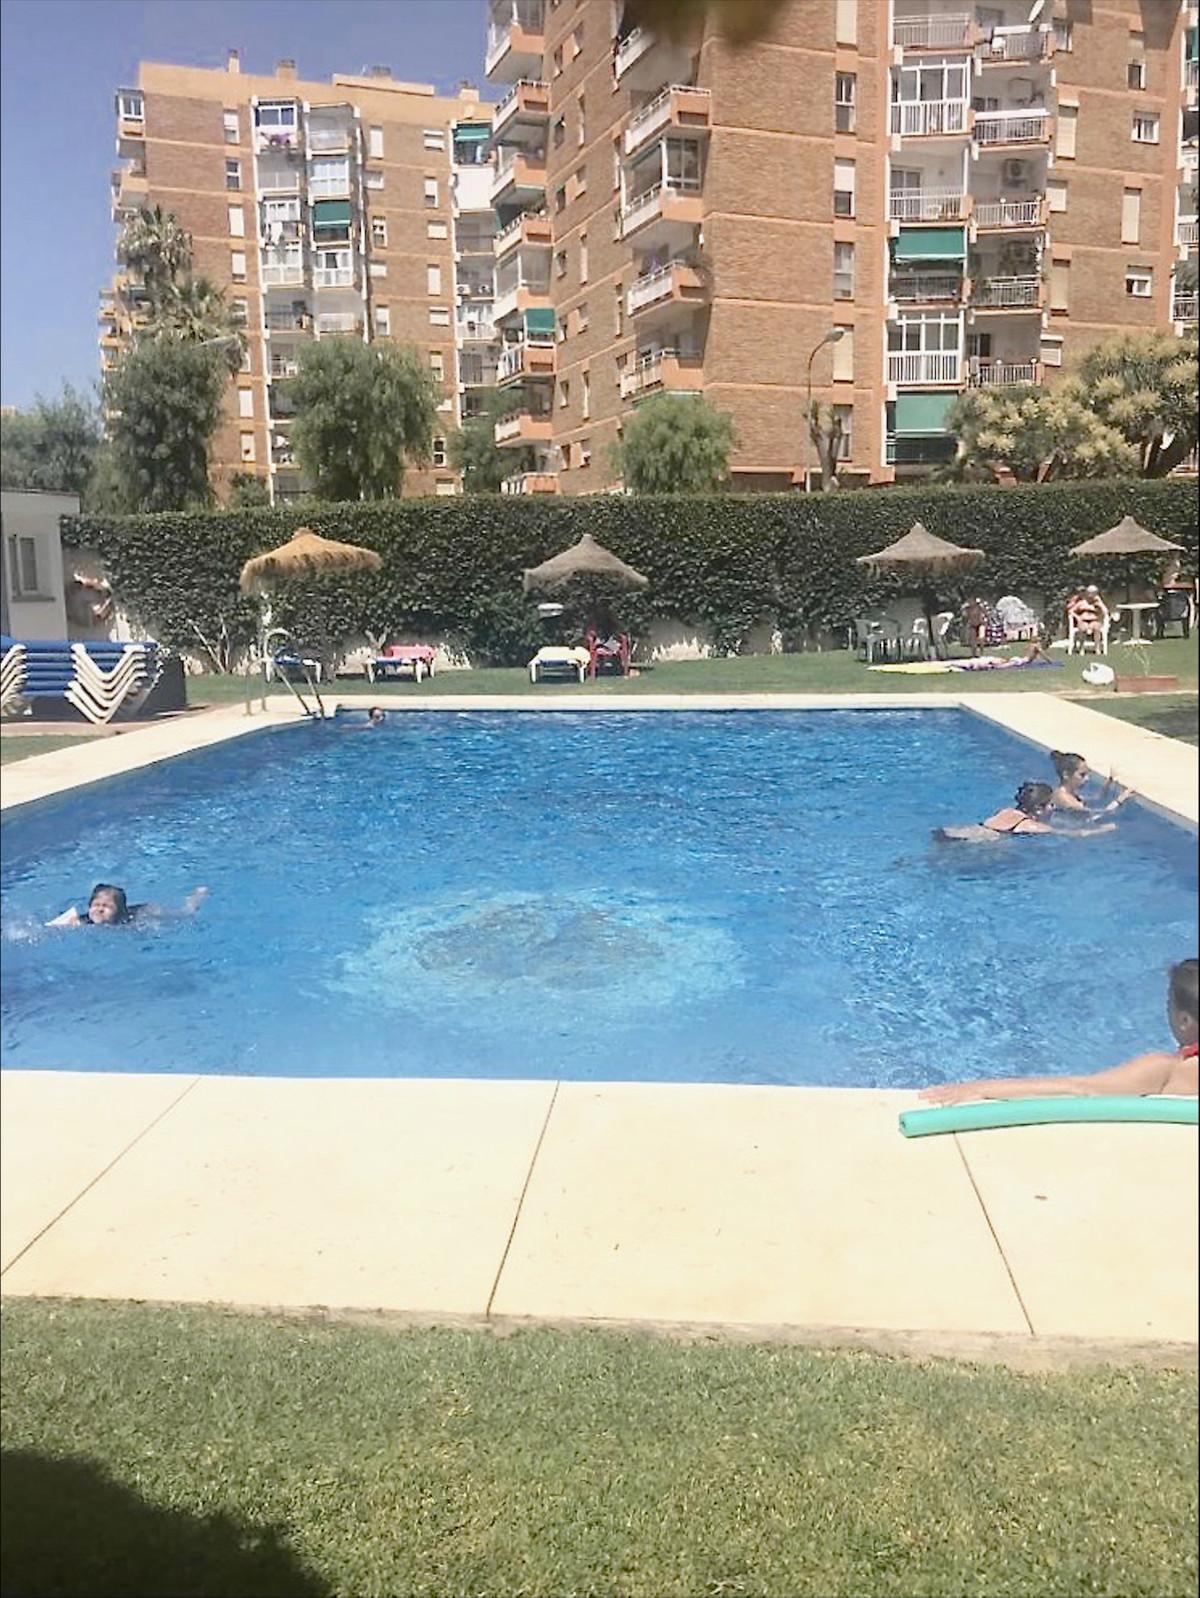 Apartamento - Benalmadena - R3639296 - mibgroup.es